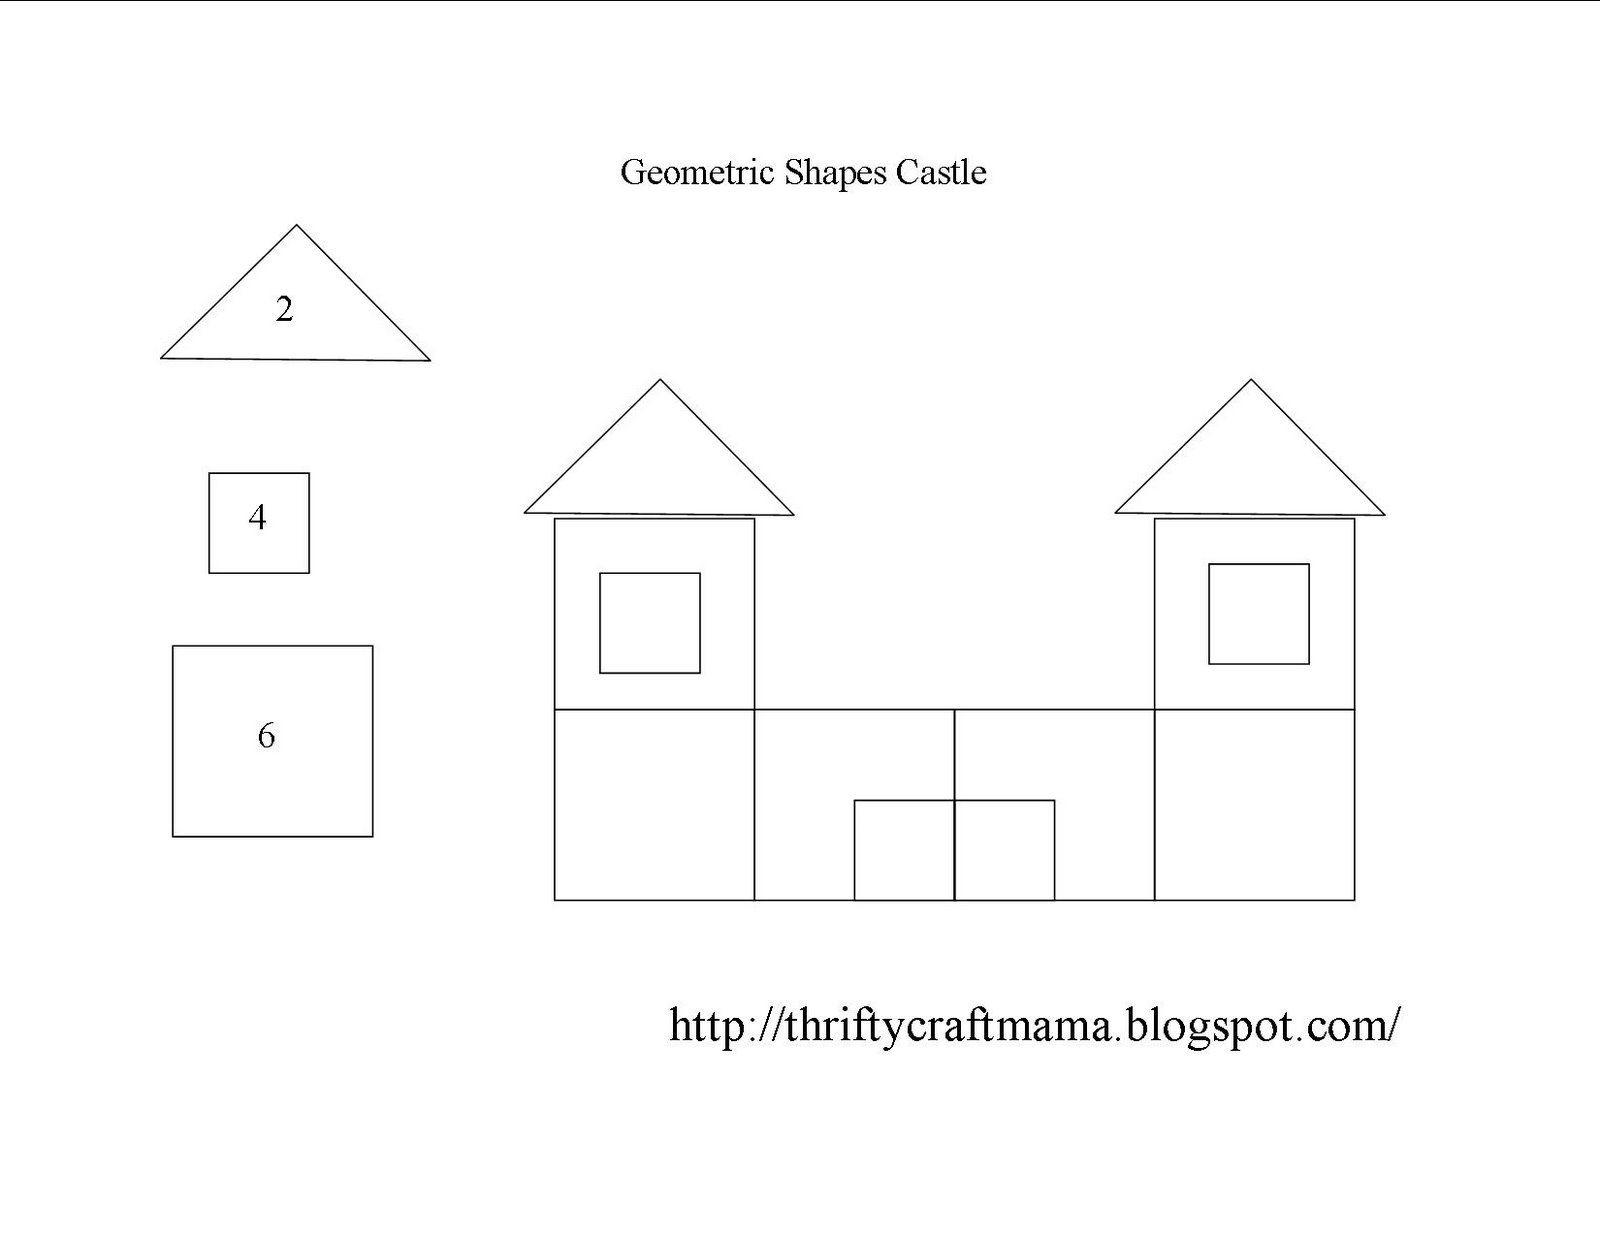 Geometric Shapes Castle